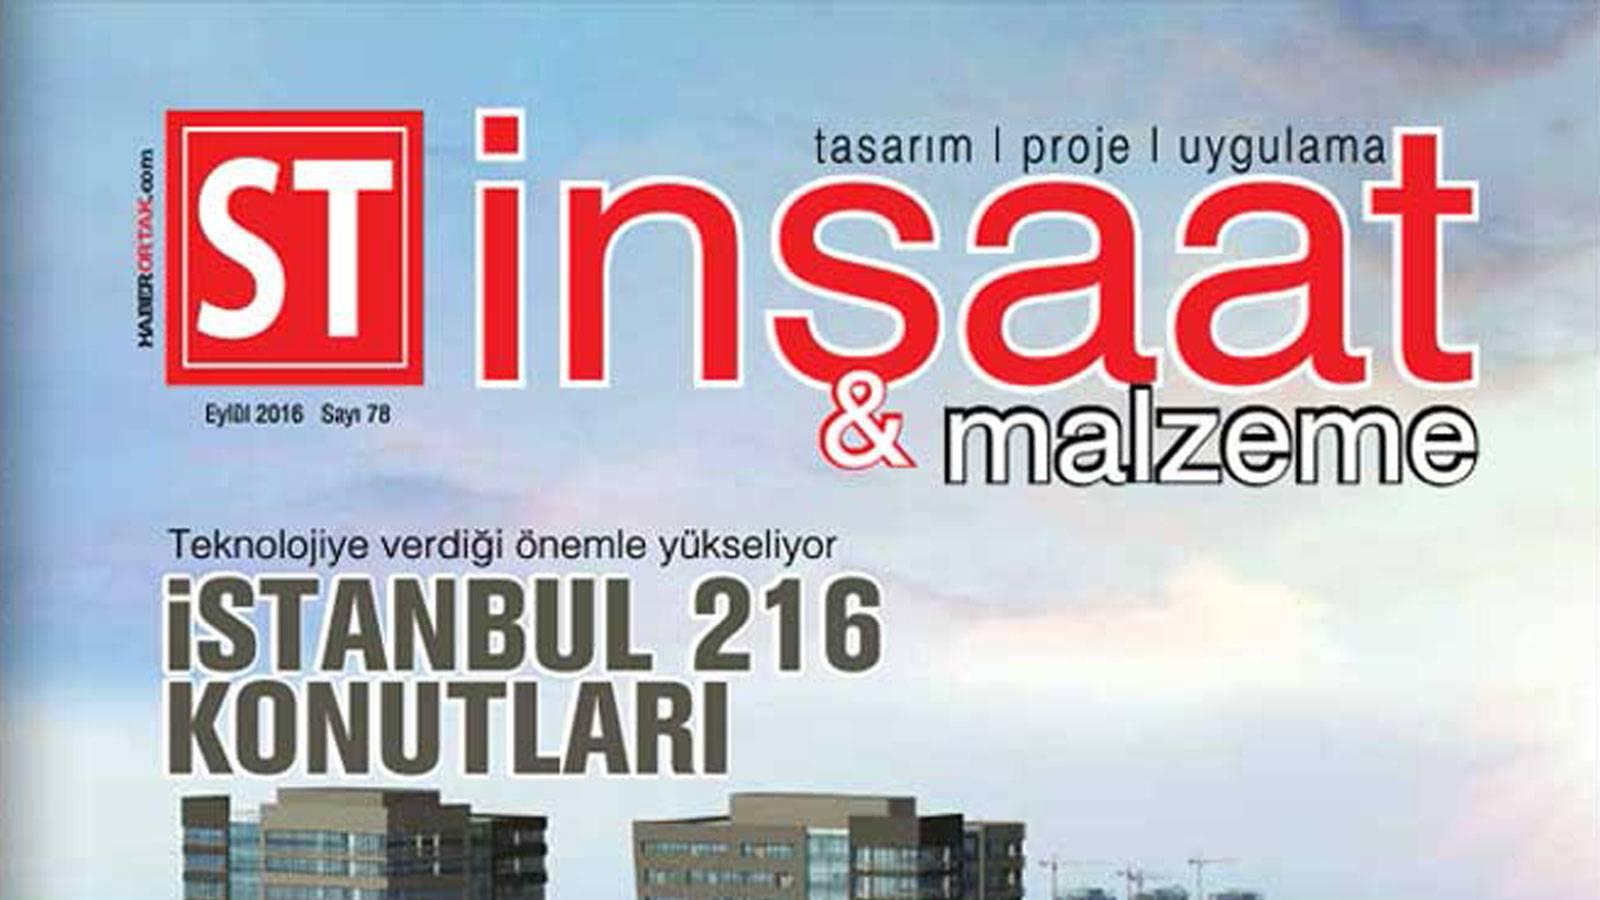 15.09.2016 S.T. İnşaat ve Malzeme Magazine host Murat Kader and Sema Eser Özsaruhan.